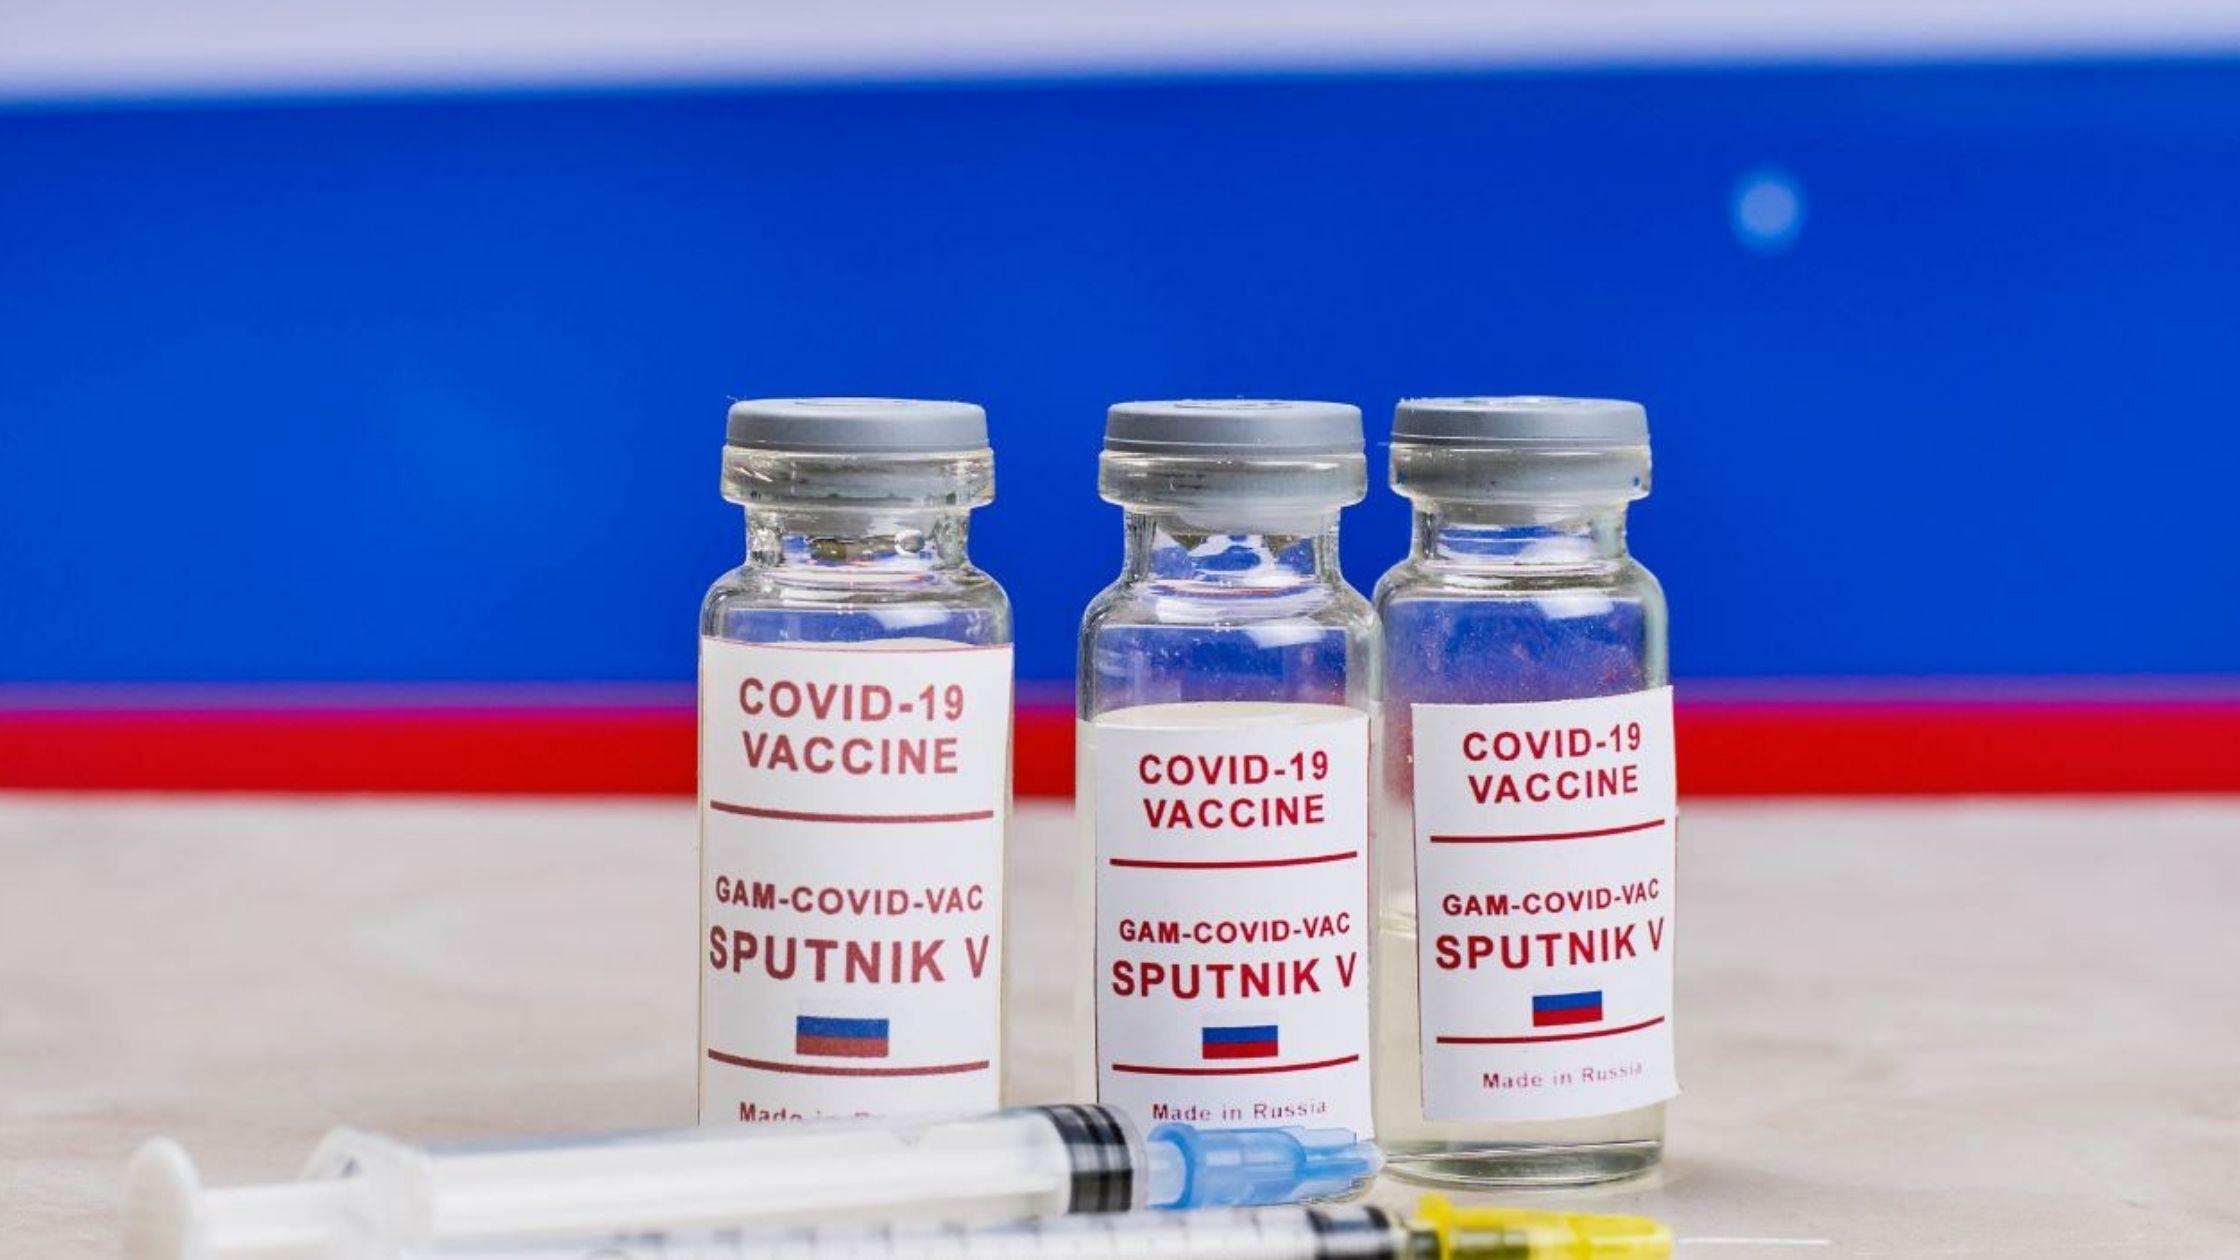 Sputnik V Vaccine In India